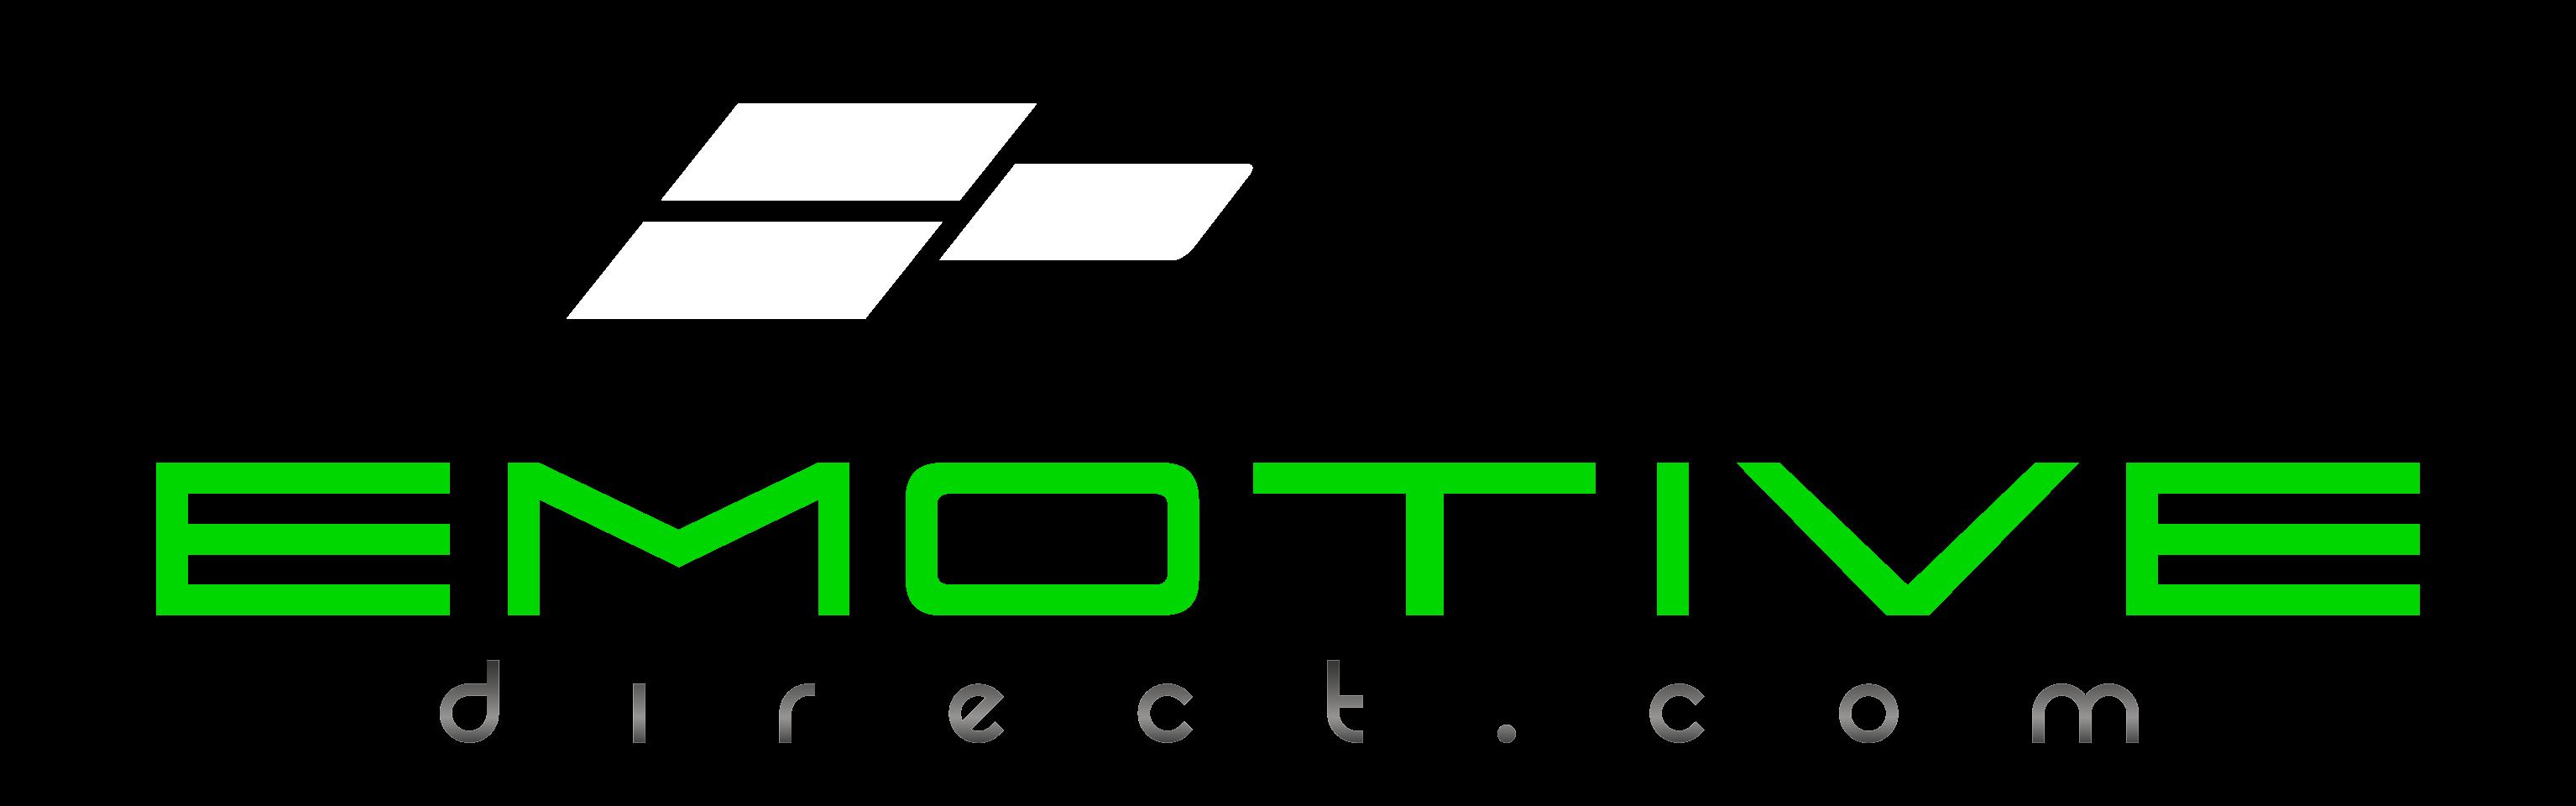 2015 FORD F150 SUPERCREW CAB - EmotiveDirect com